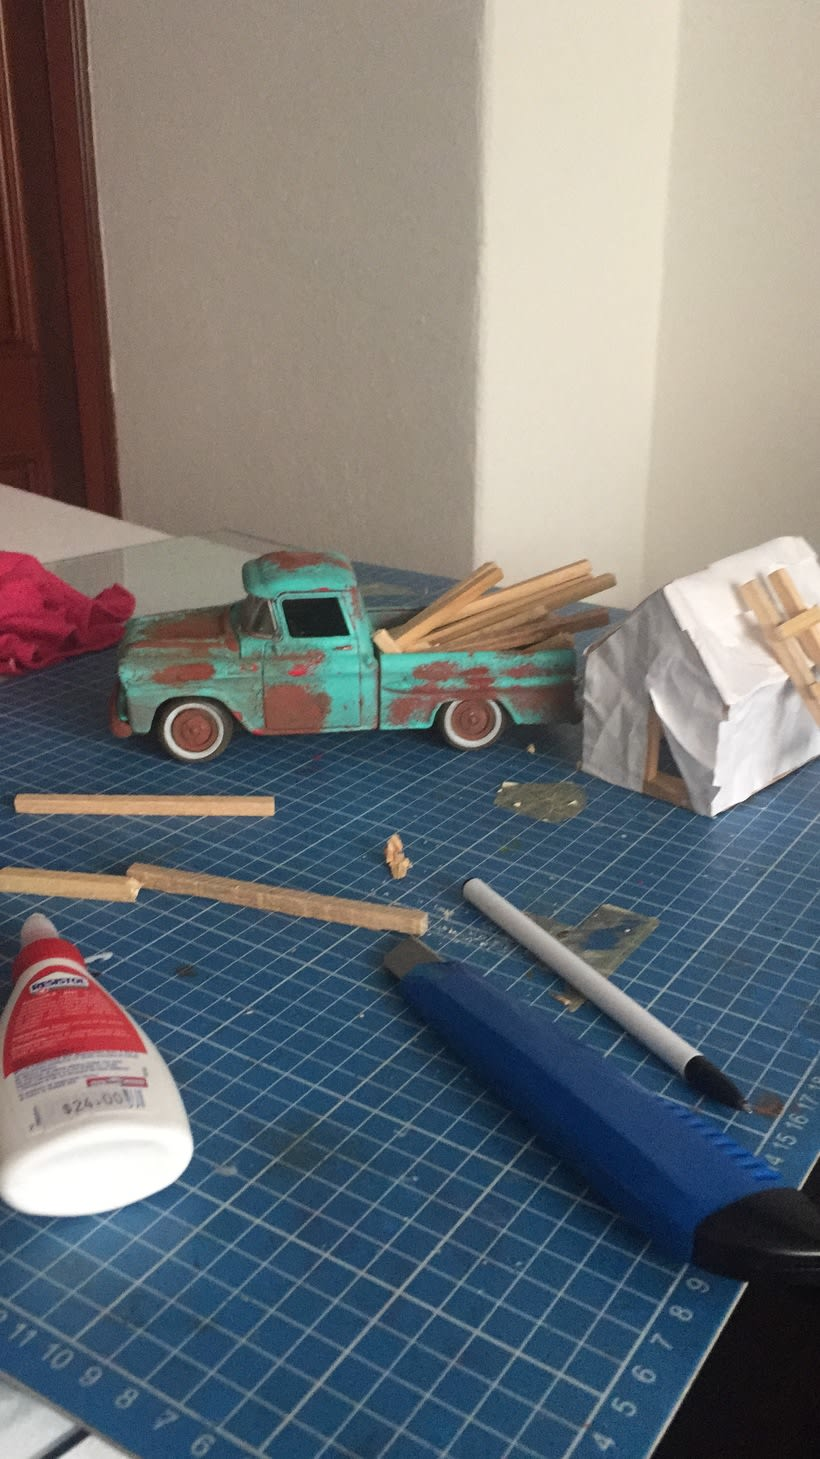 Mi Proyecto del curso: Fotografía creativa en estudio con modelos a escala 7